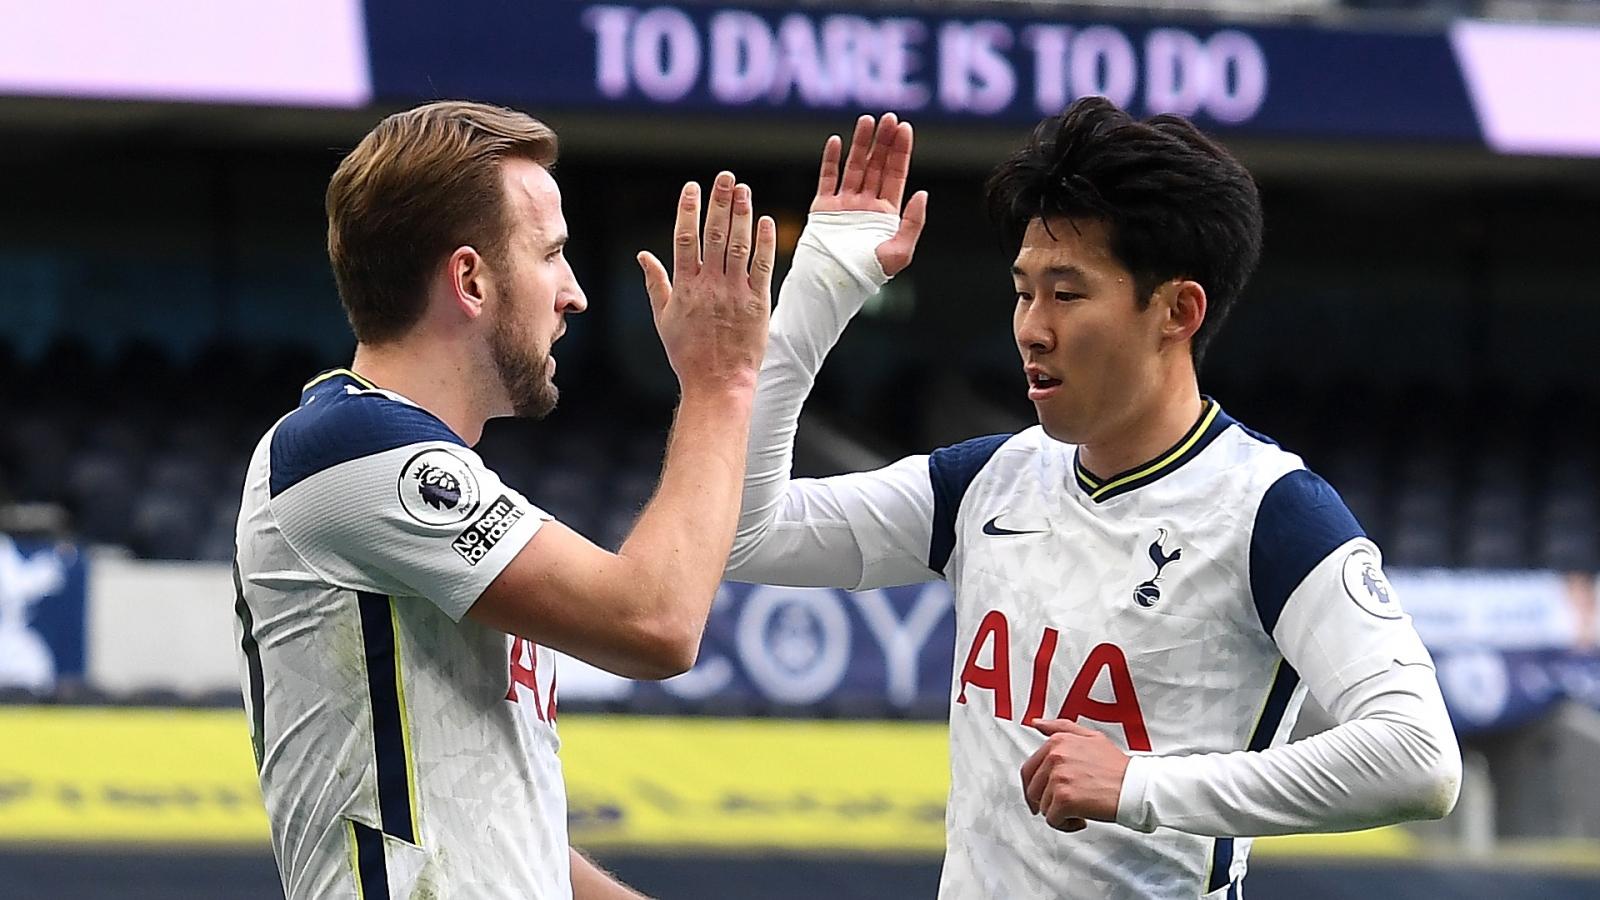 Son-Kane thăng hoa, Tottenham trở lại mạch thắng